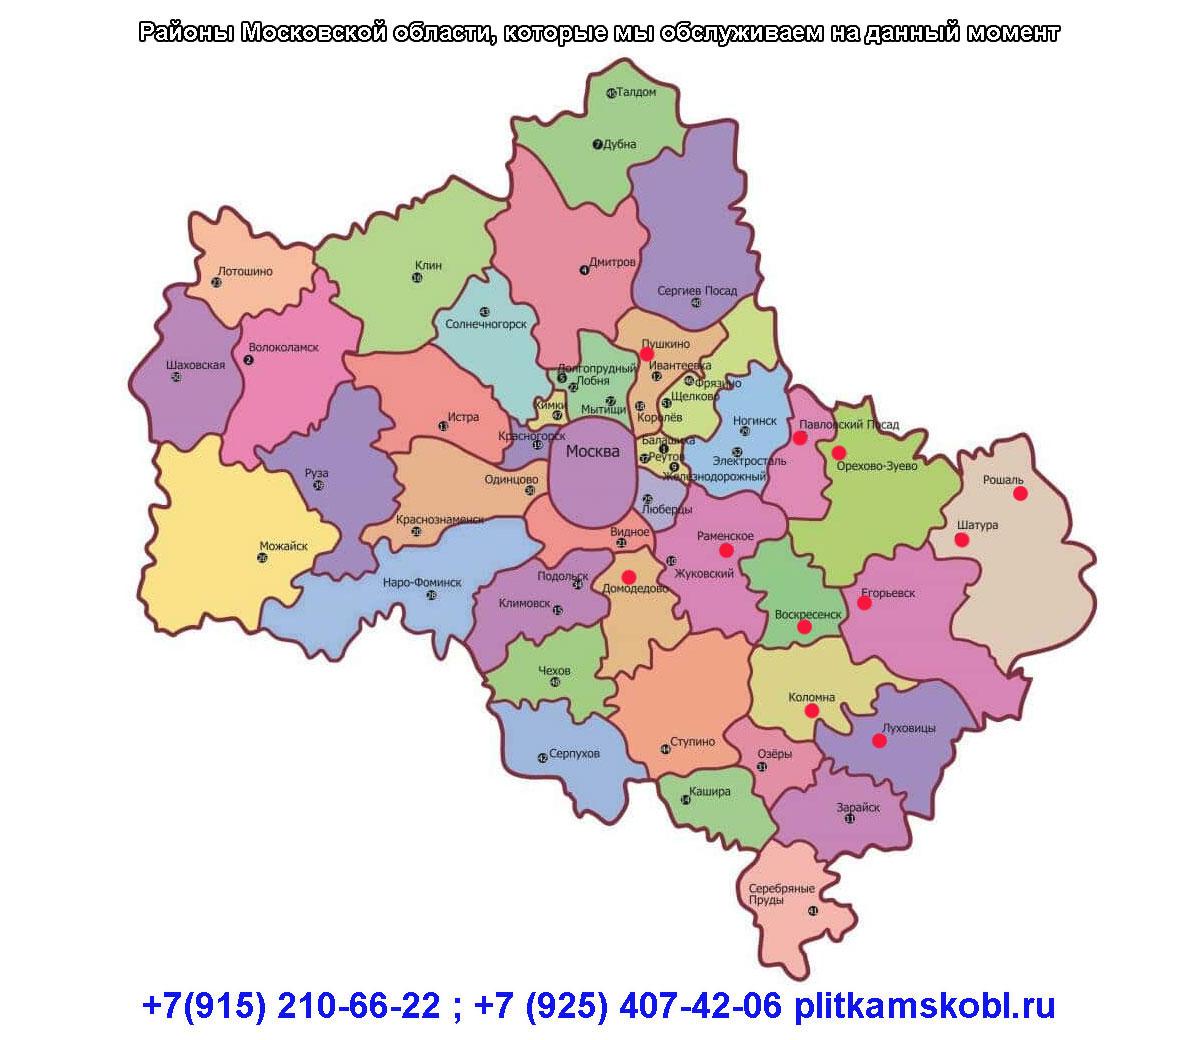 Районы Московской области, которые мы обслуживаем на данный момент